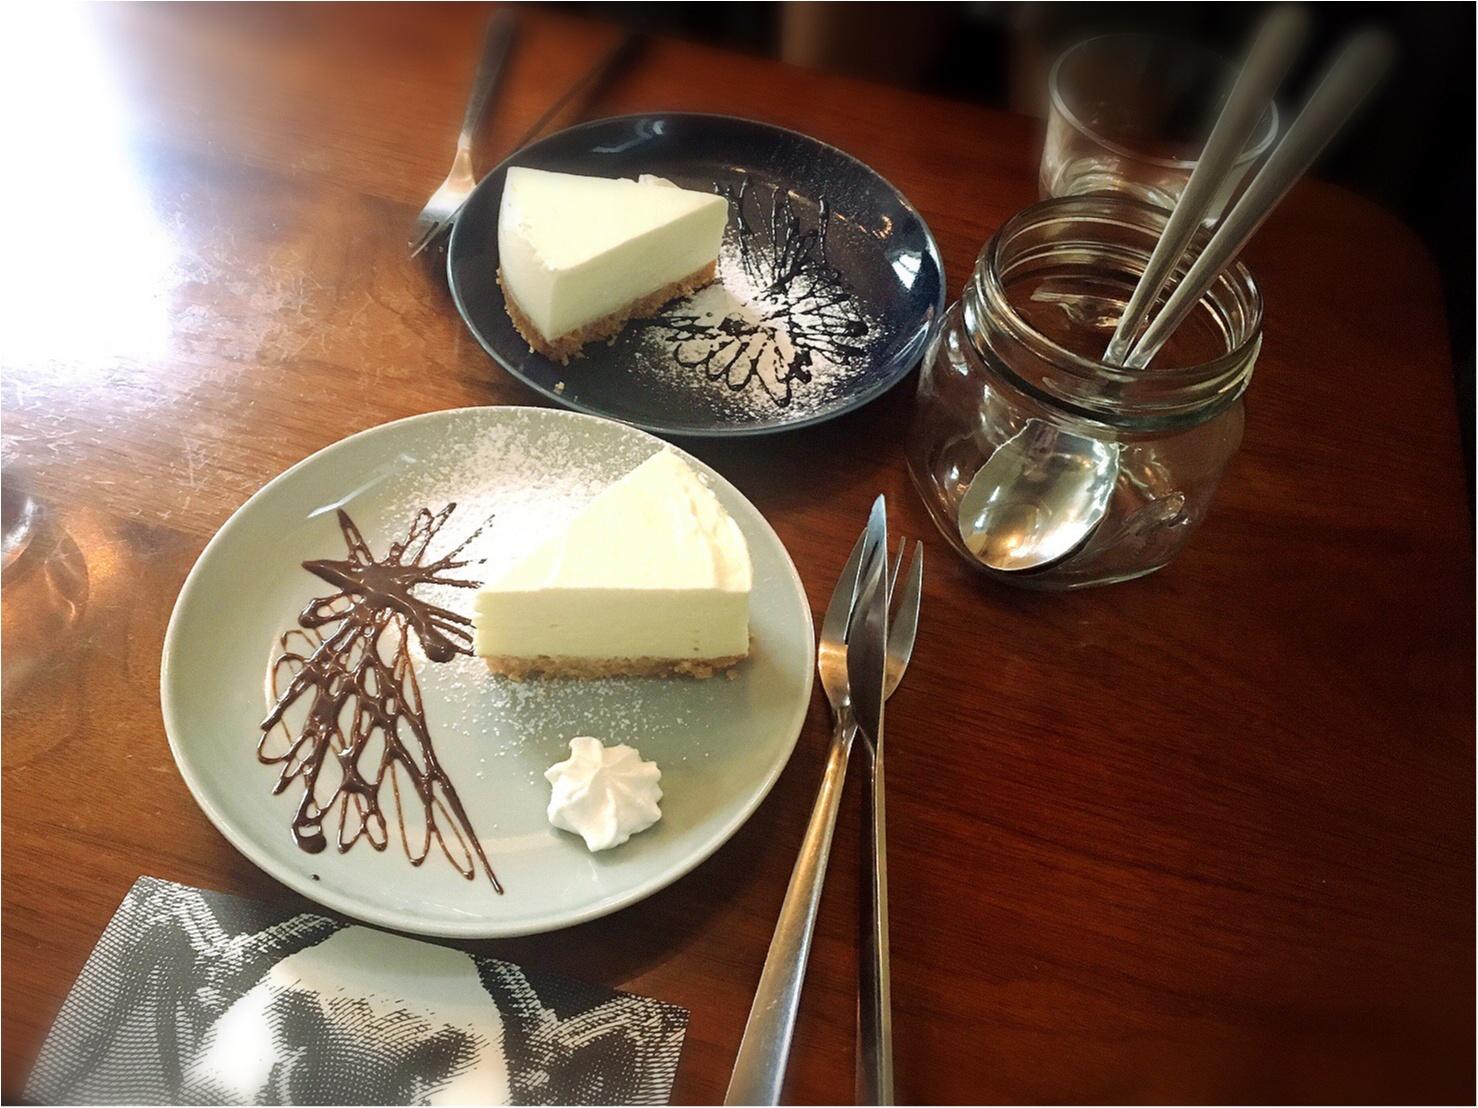 もお〜うまいもぉ♡【三軒茶屋】チーズケーキ専門店に初めていってみた♡_5_1